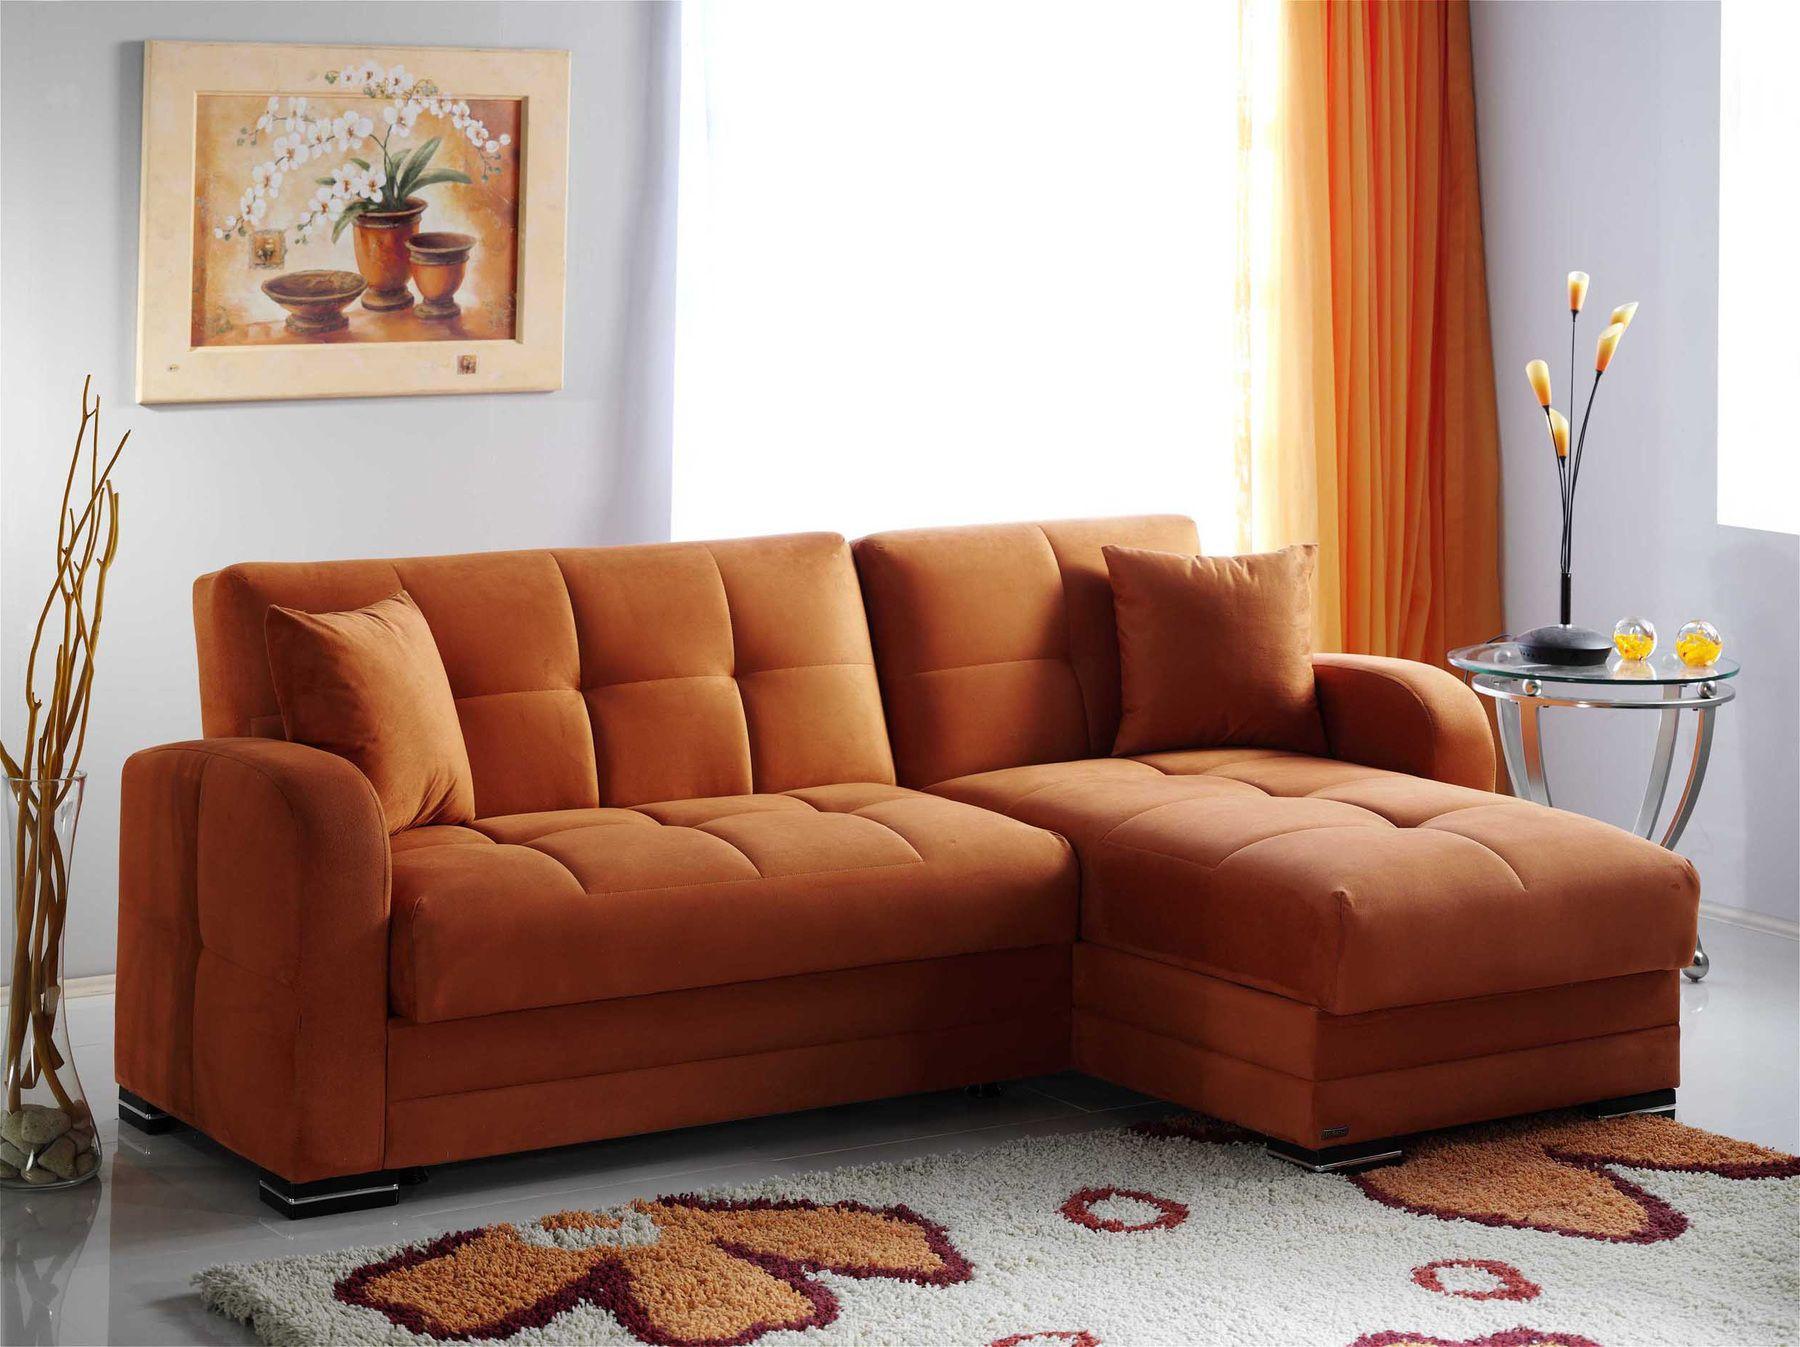 Prächtige Orange Leder Sofa Schreibtisch Sectional Sofas das sind